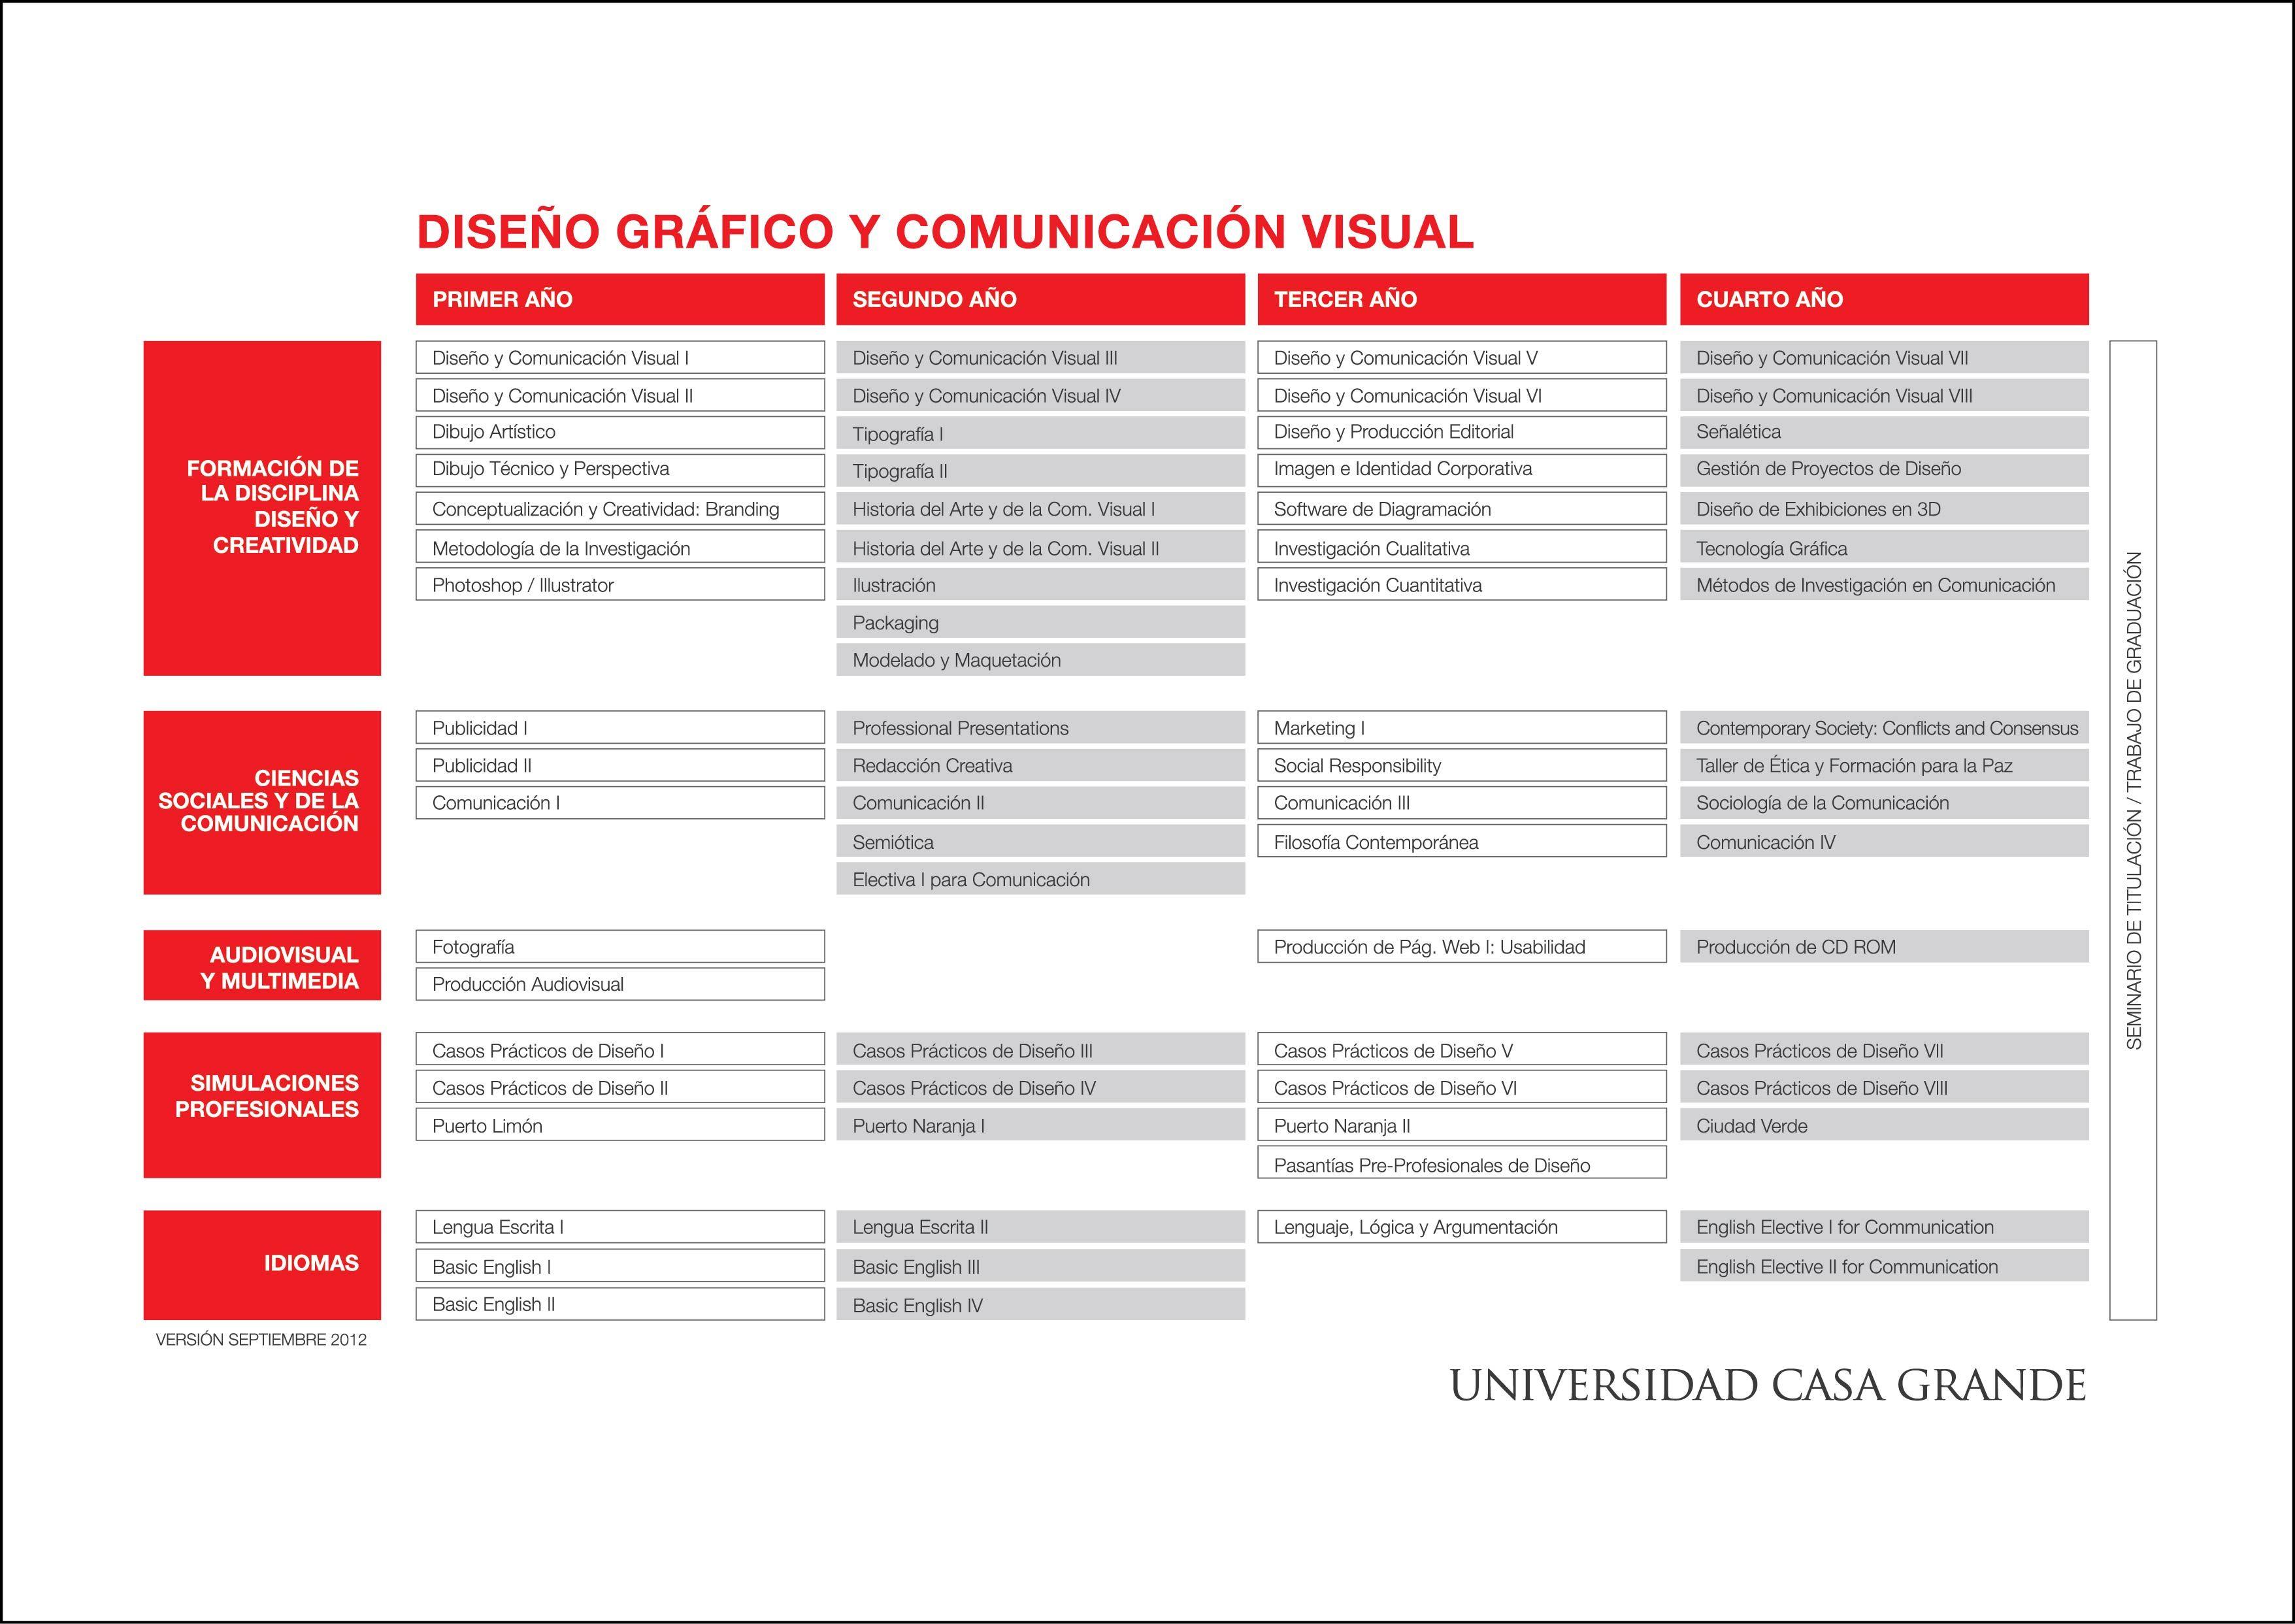 Diseño Gráfico y Comunicación Visual | Universidad Casa Grande | Hacer para ser